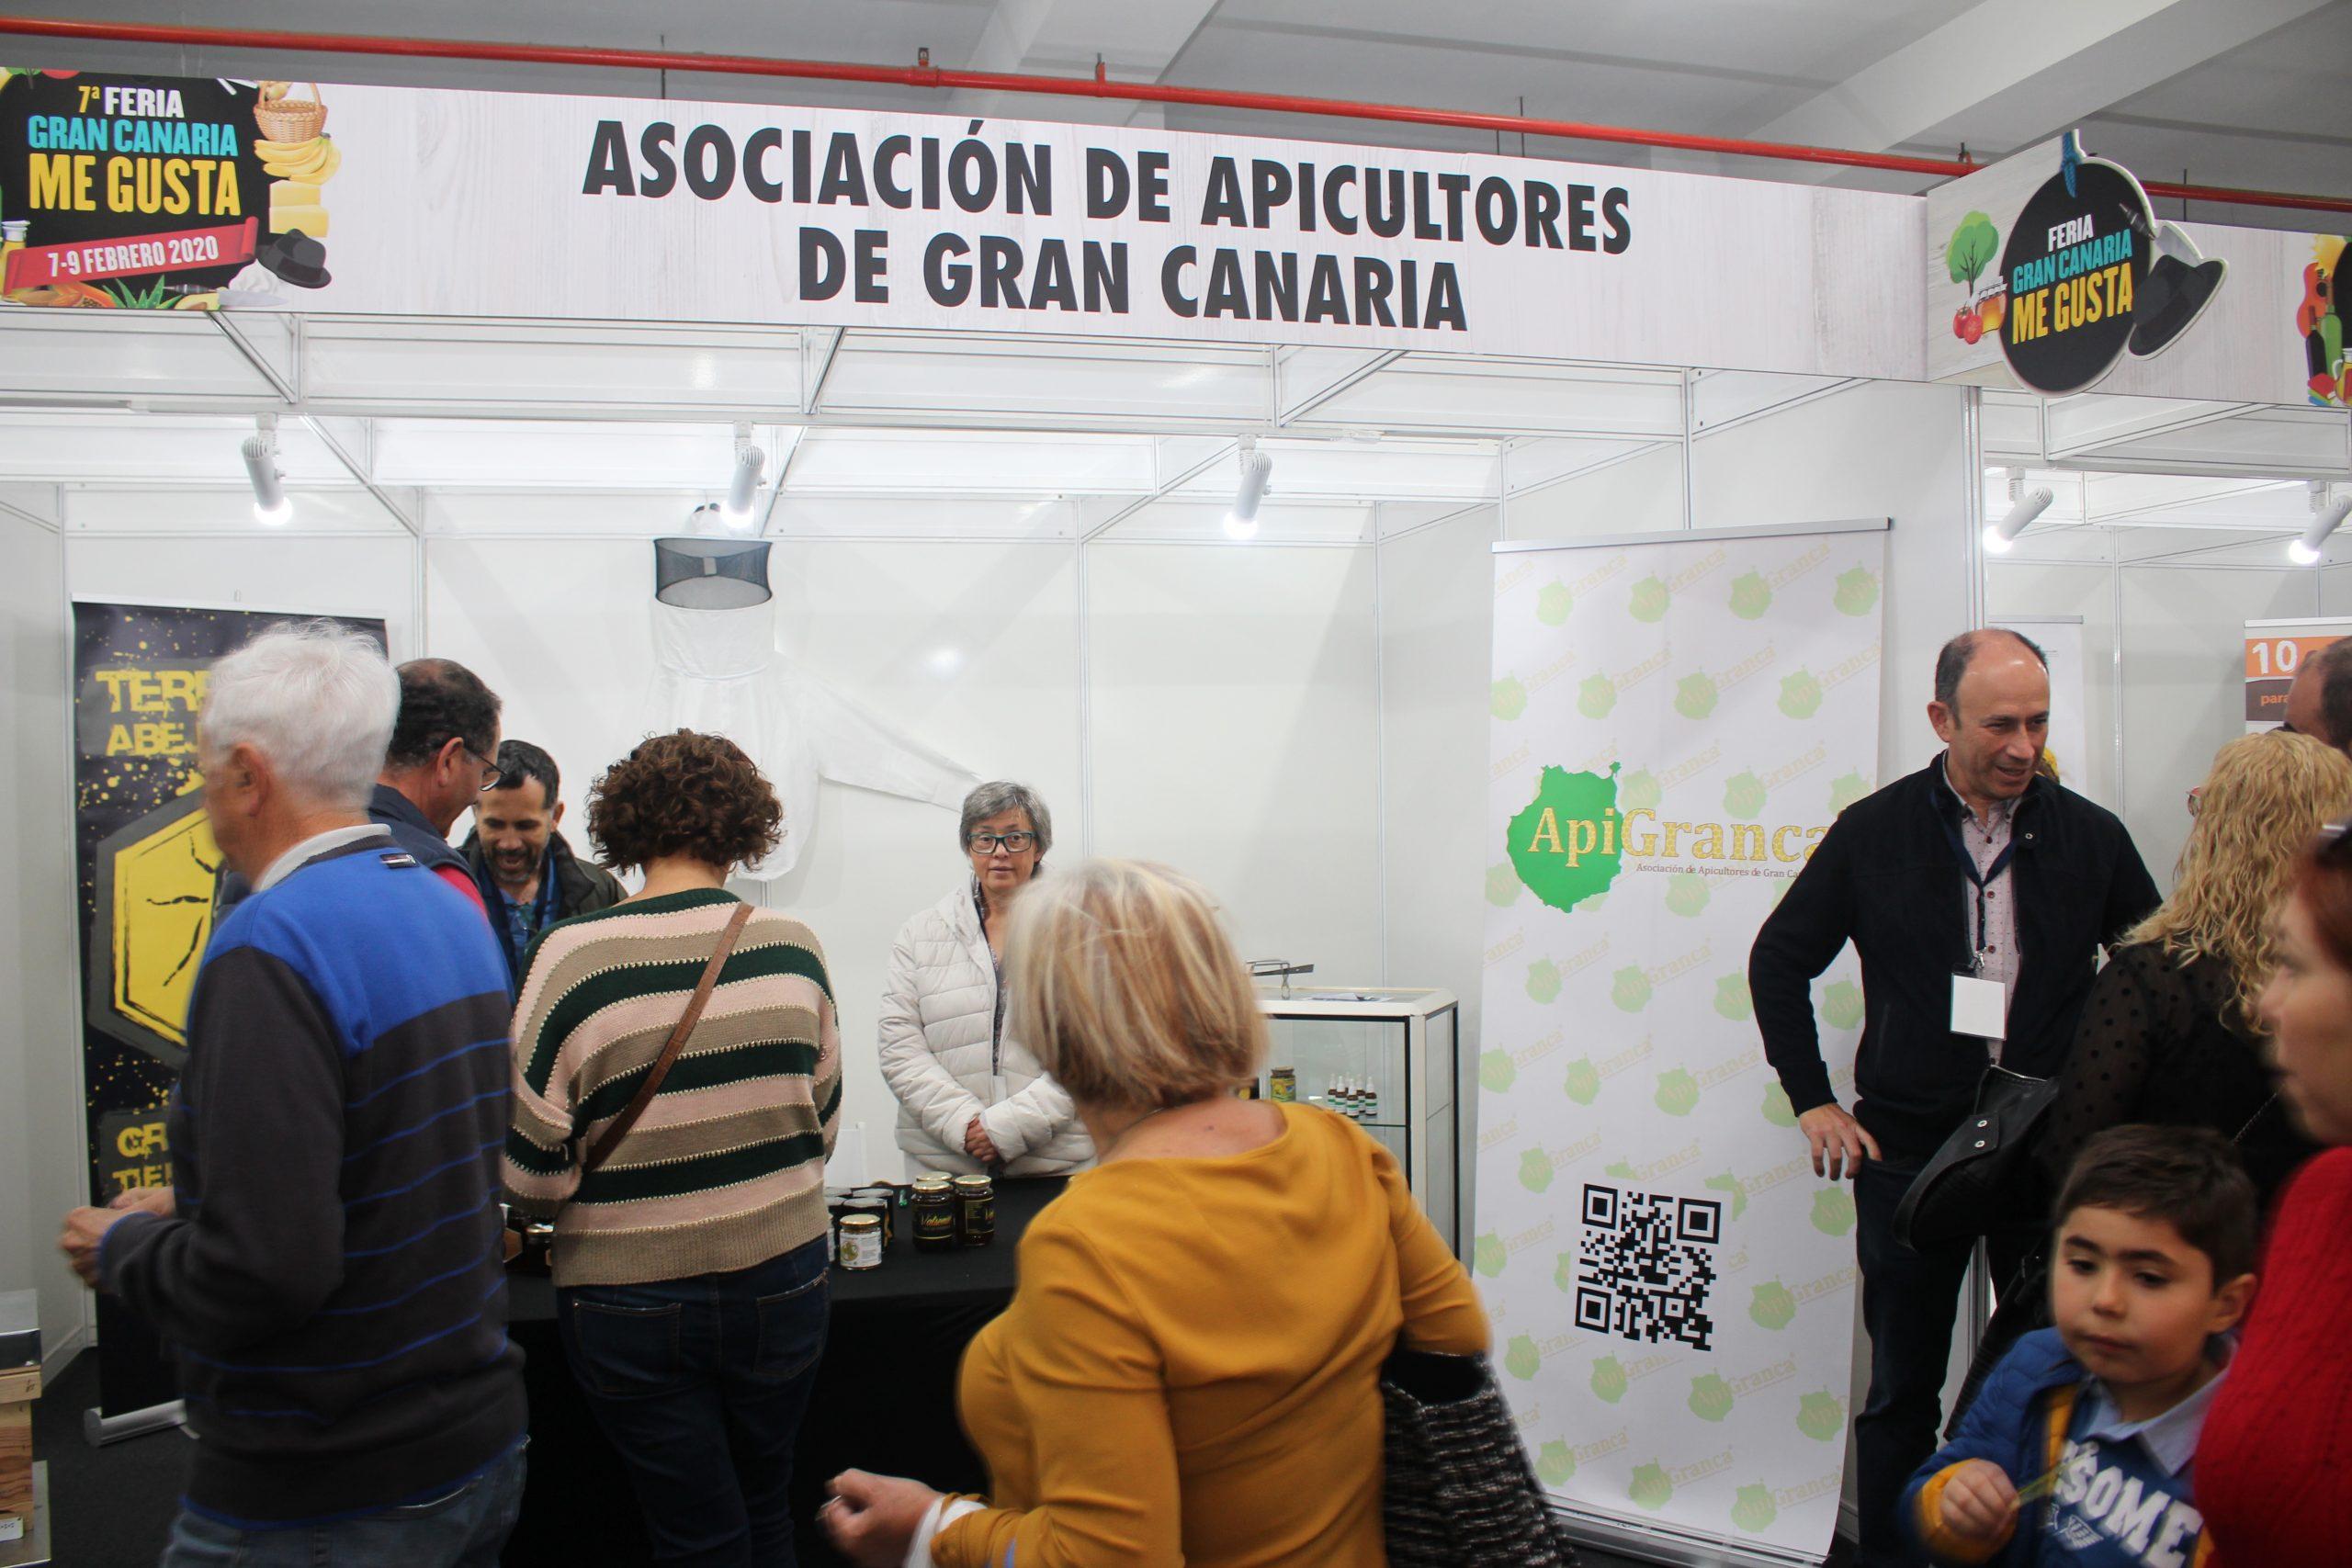 Éxito del stand de ApiGranca en Gran Canaria Me gusta